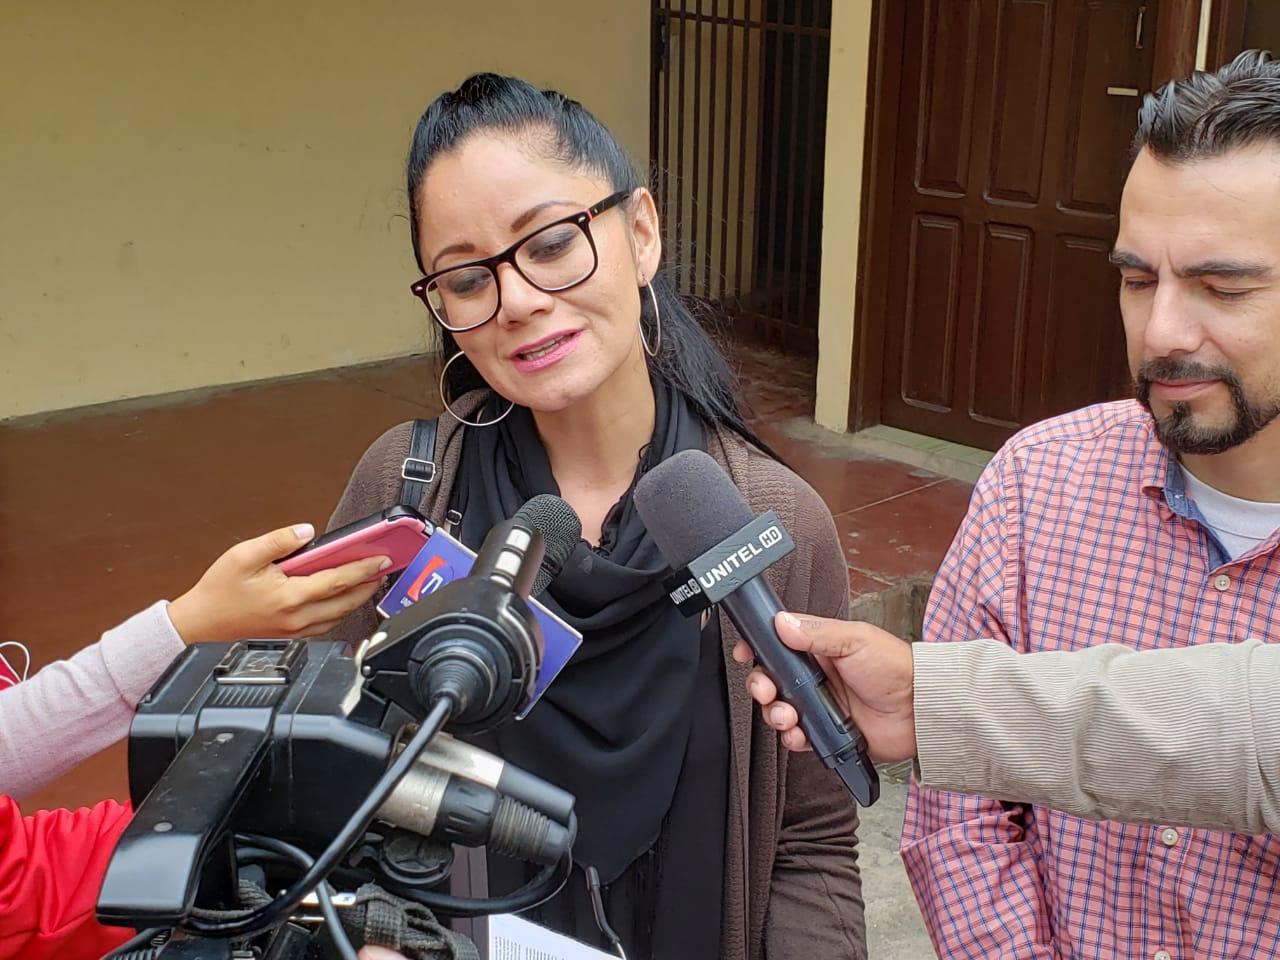 Cantante Camila Soruco tiene un sueldo en el Municipio y no se conoce que trabajo realiza